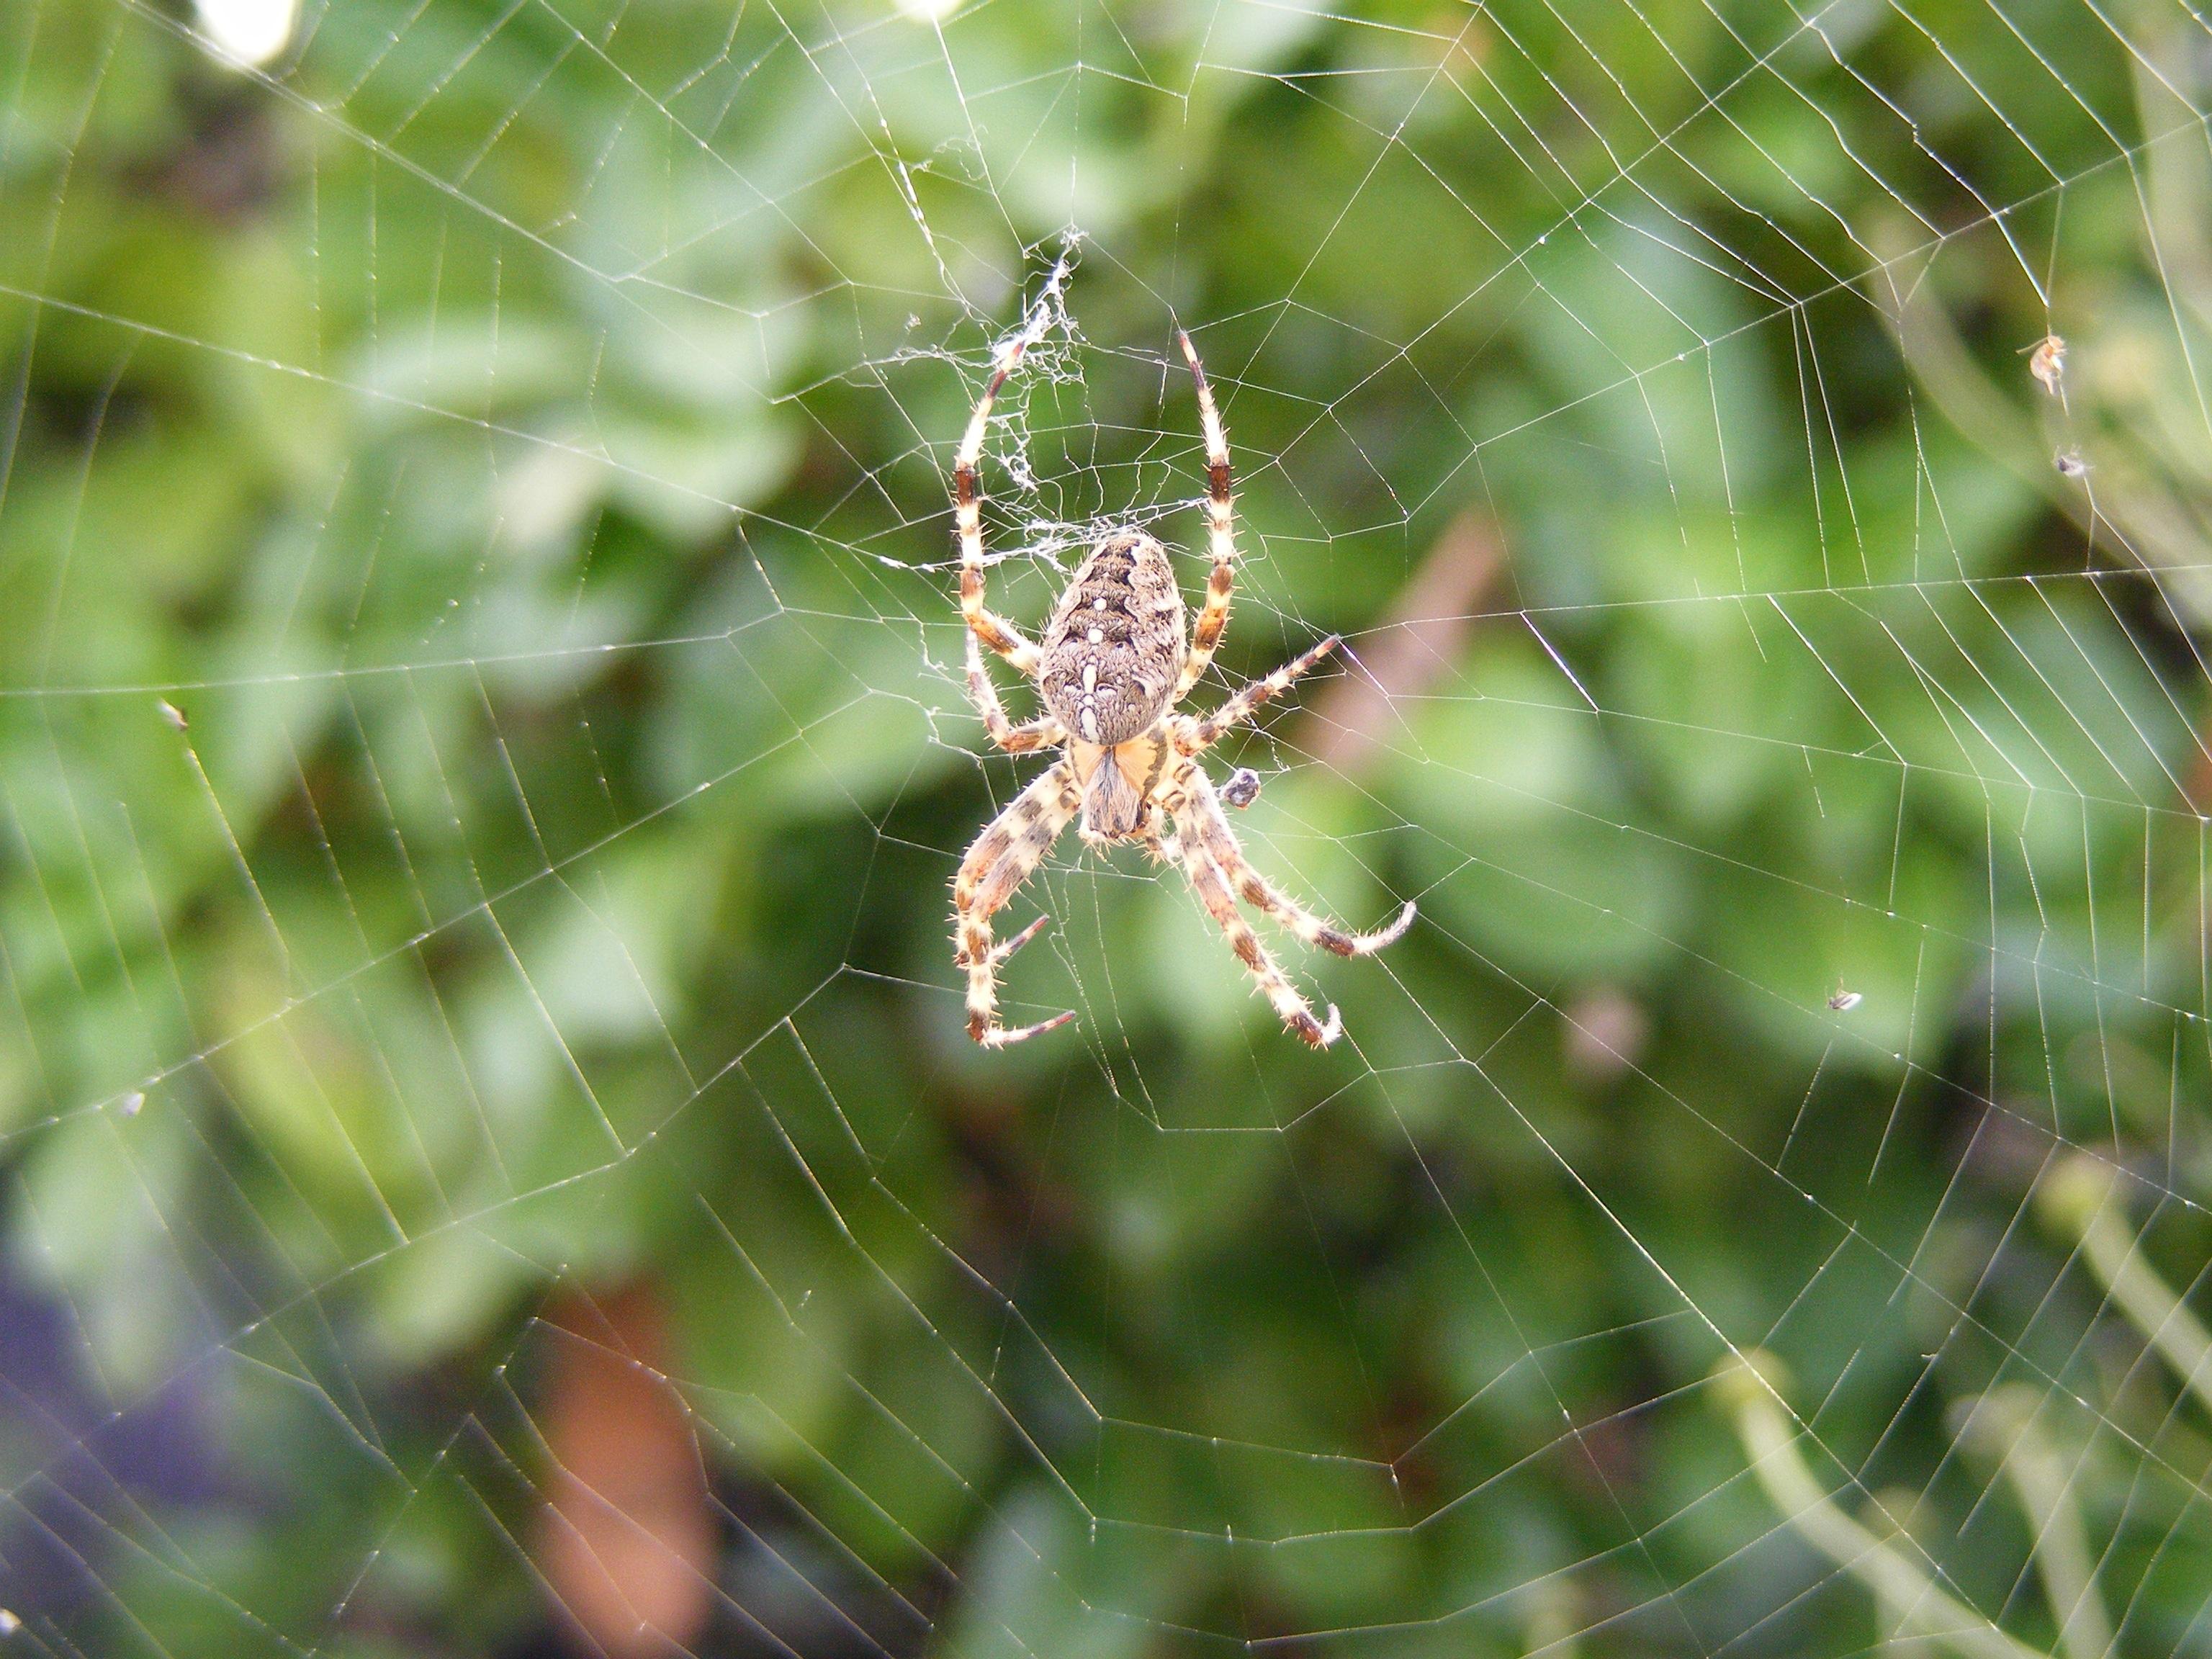 паук большой на паутине фото пойдет